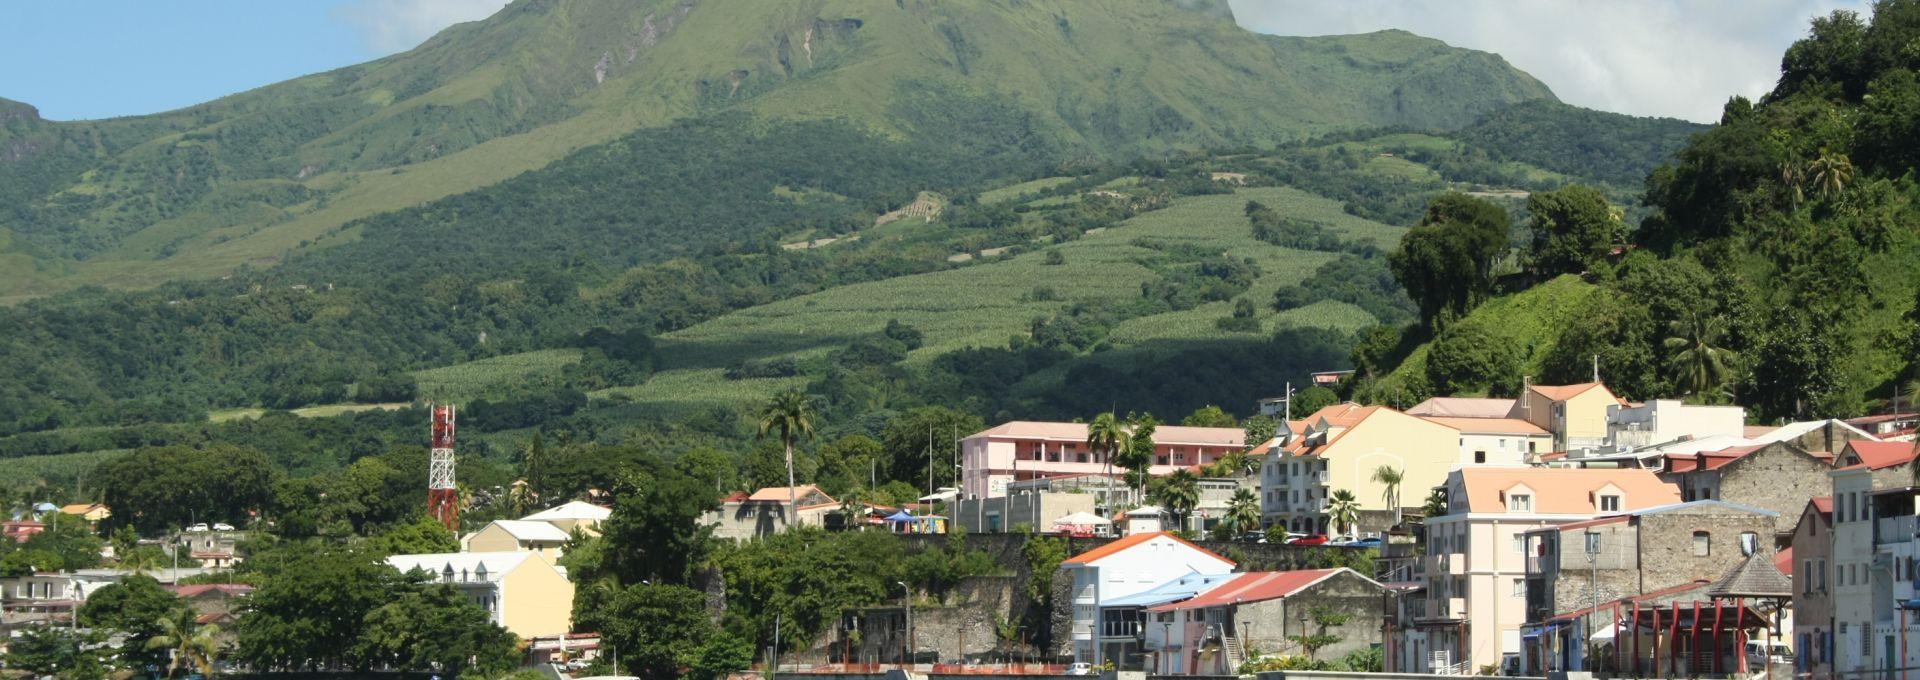 La Montagne Pelée, Martinique